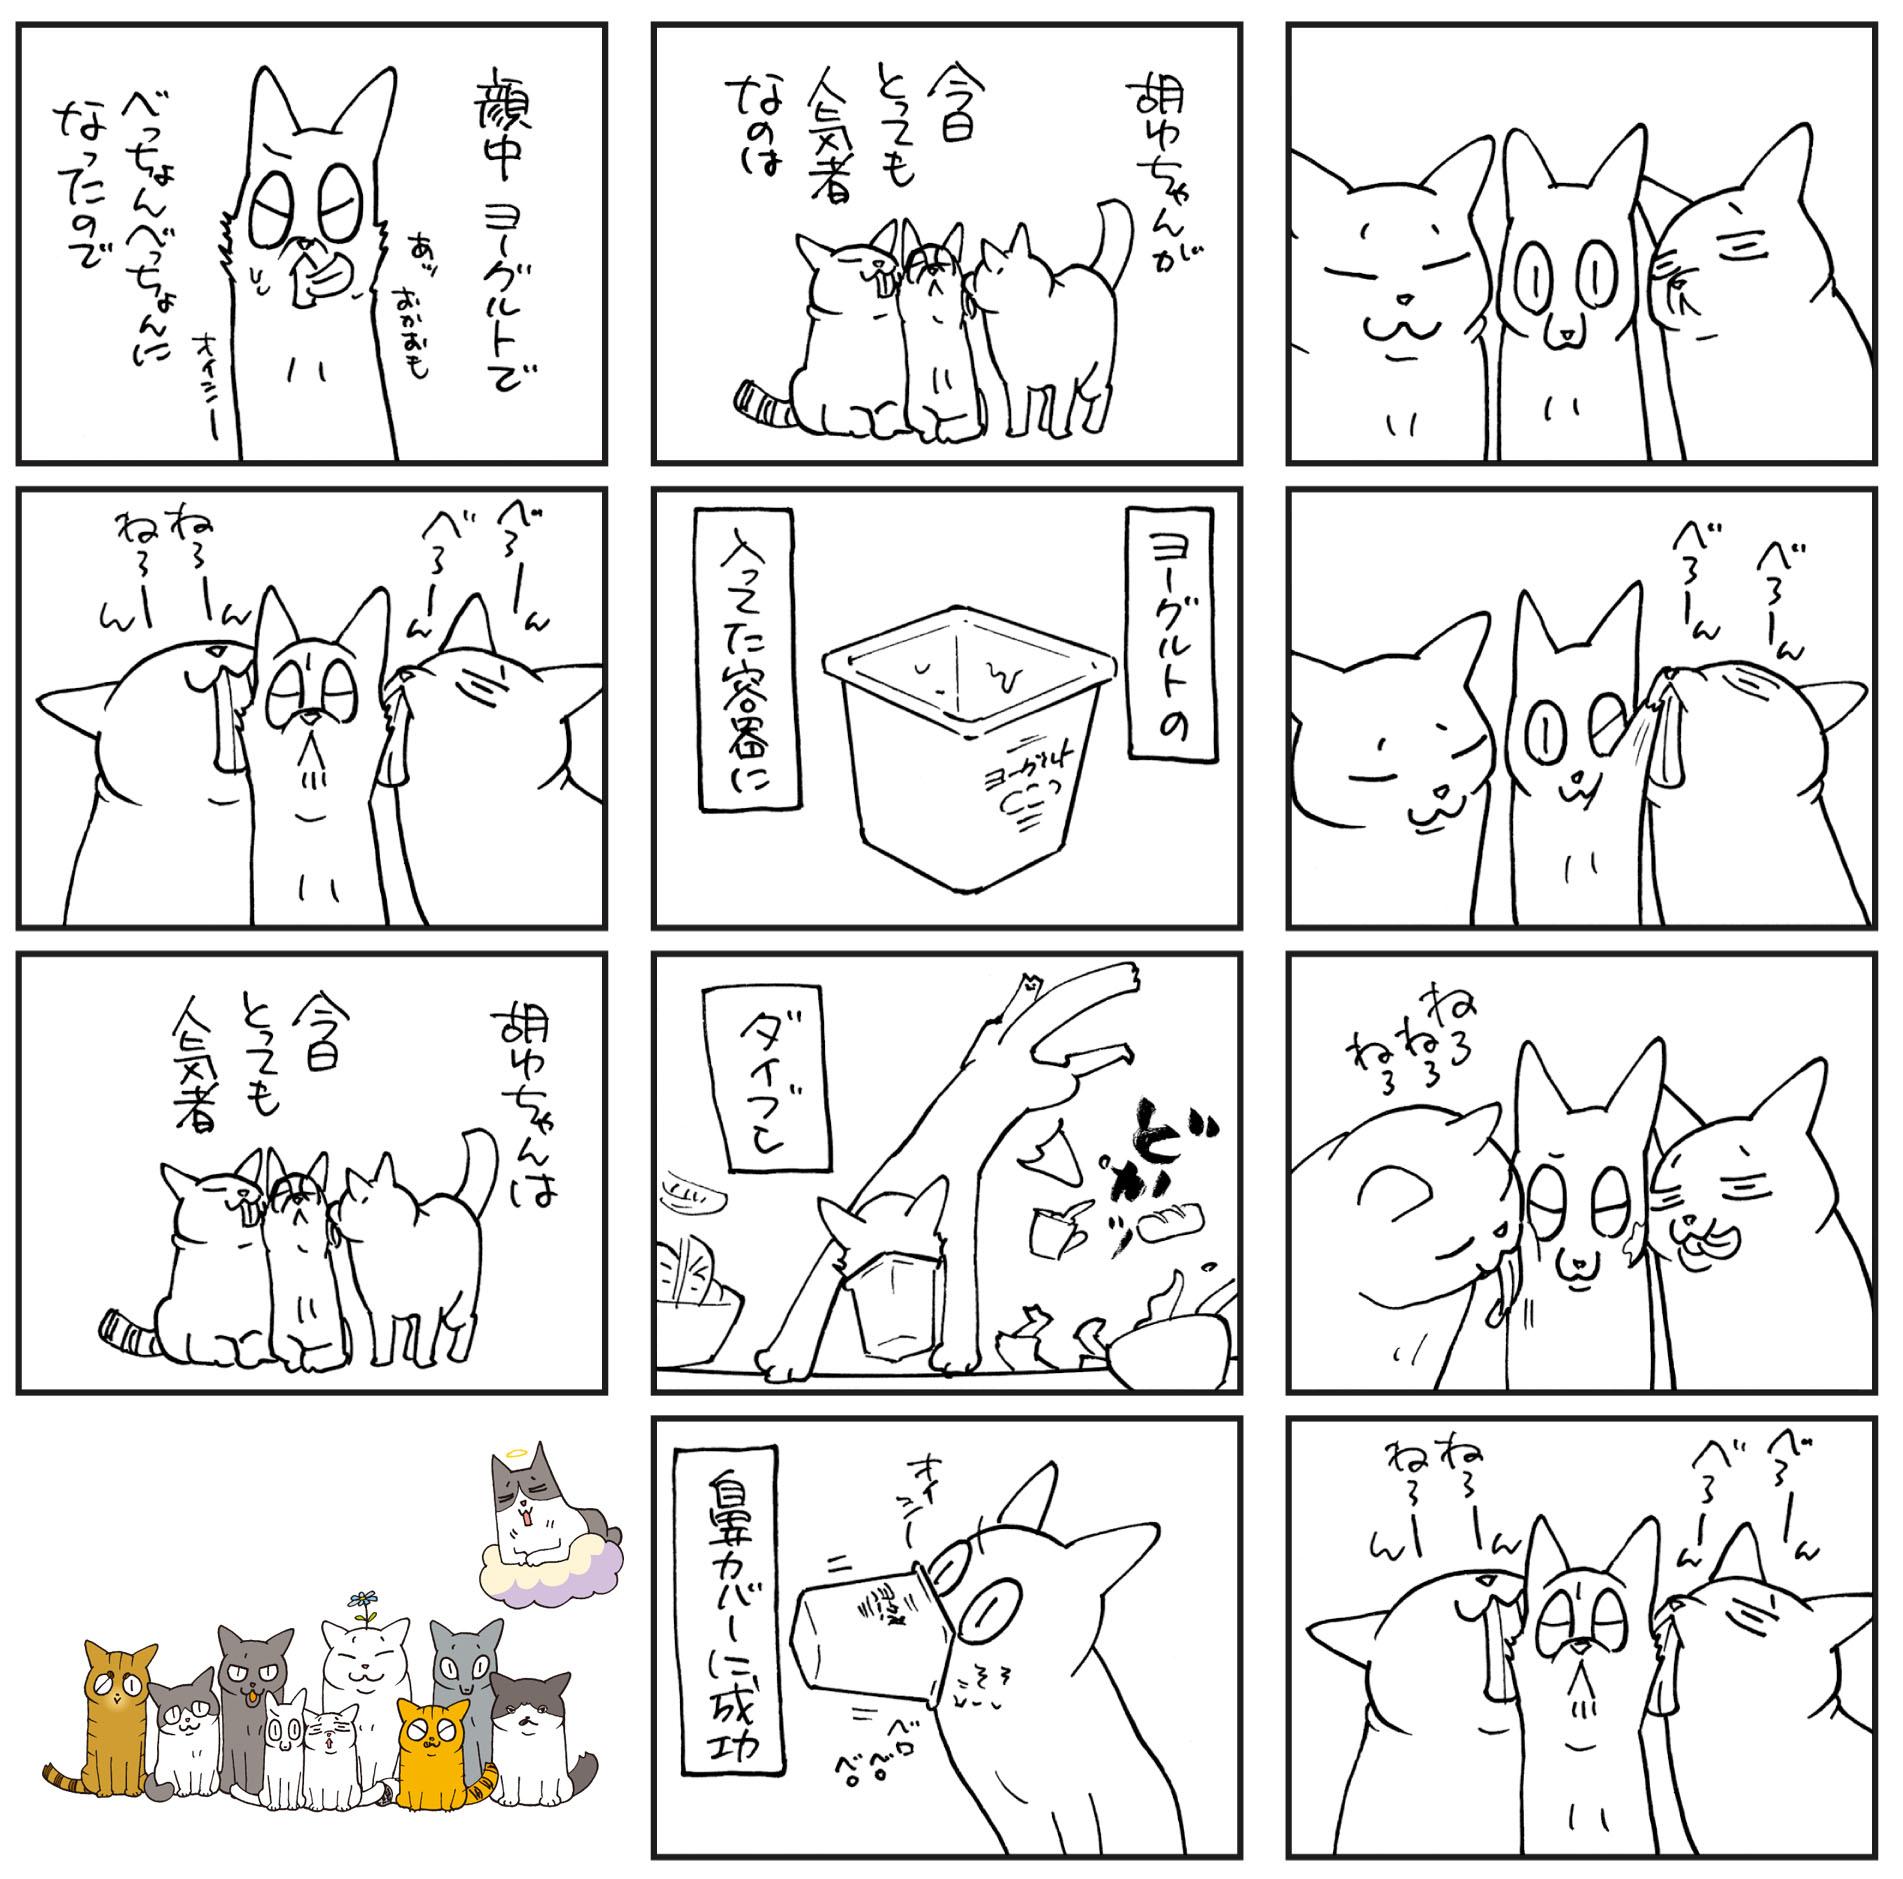 くる ねこ 大和 Amazon.co.jp: くるねこ 大和: